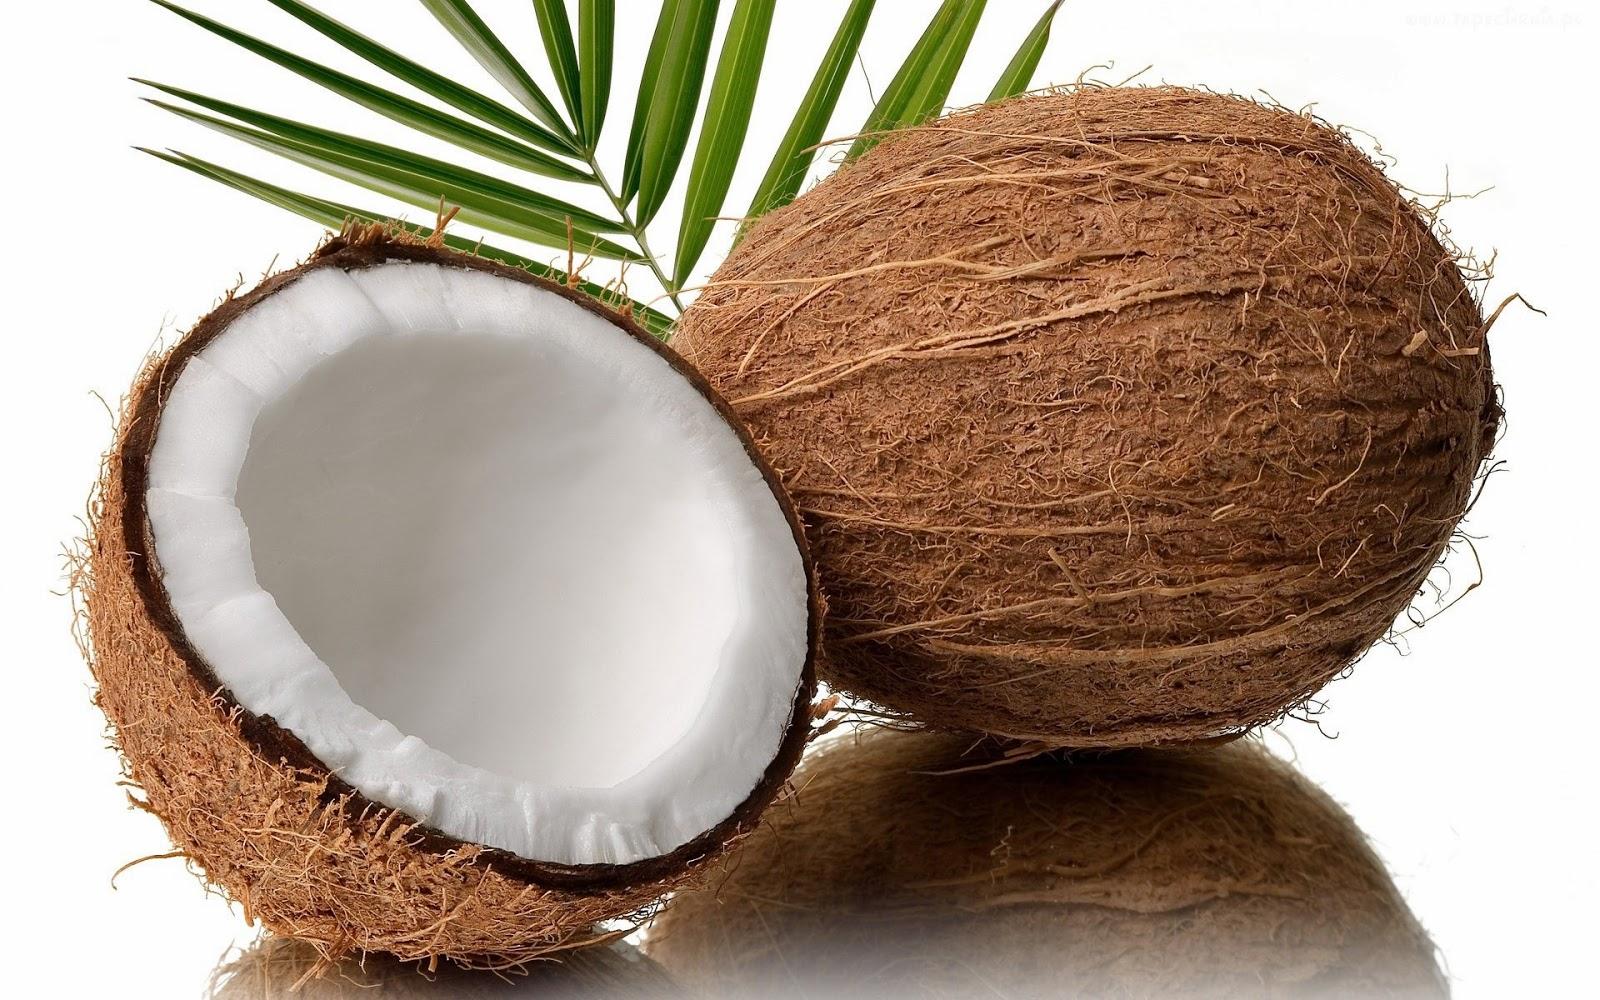 Olej kokosowy - jak pięknie pachnący kokosek spisał się na moich falach?